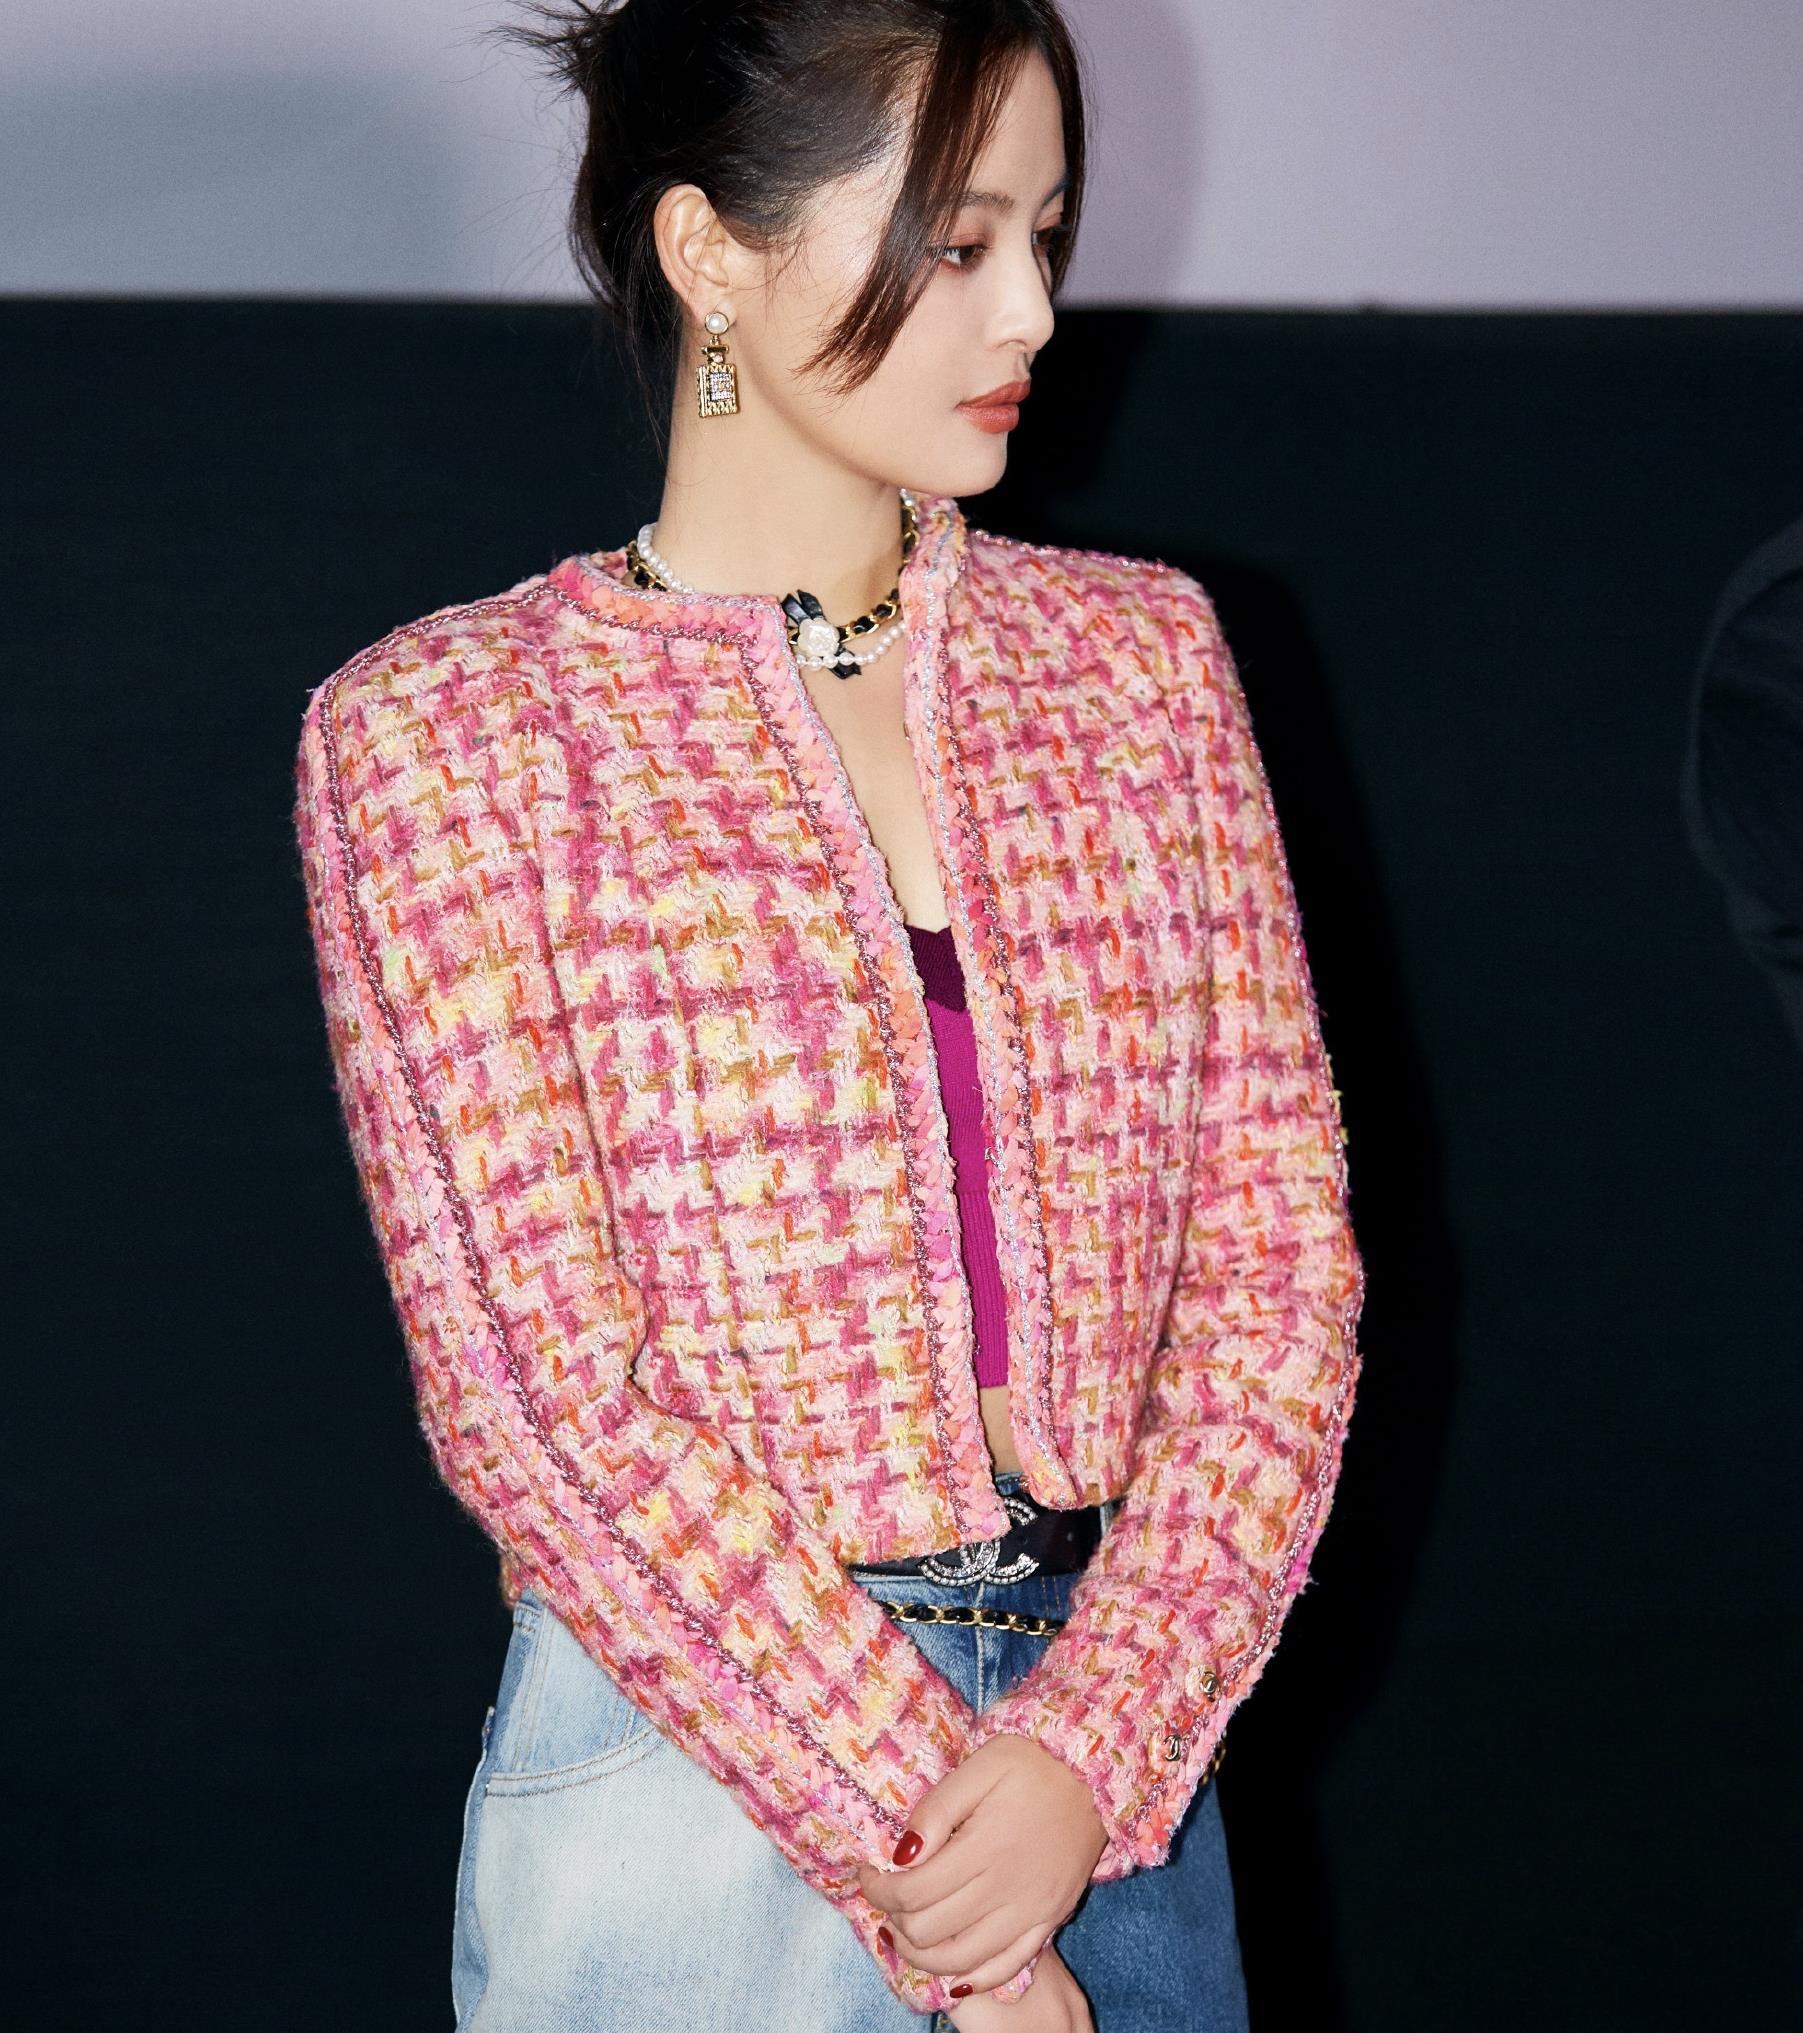 辛芷蕾活动照片曝光:玫粉色小香风外套配撞色牛仔裤,满满时尚感